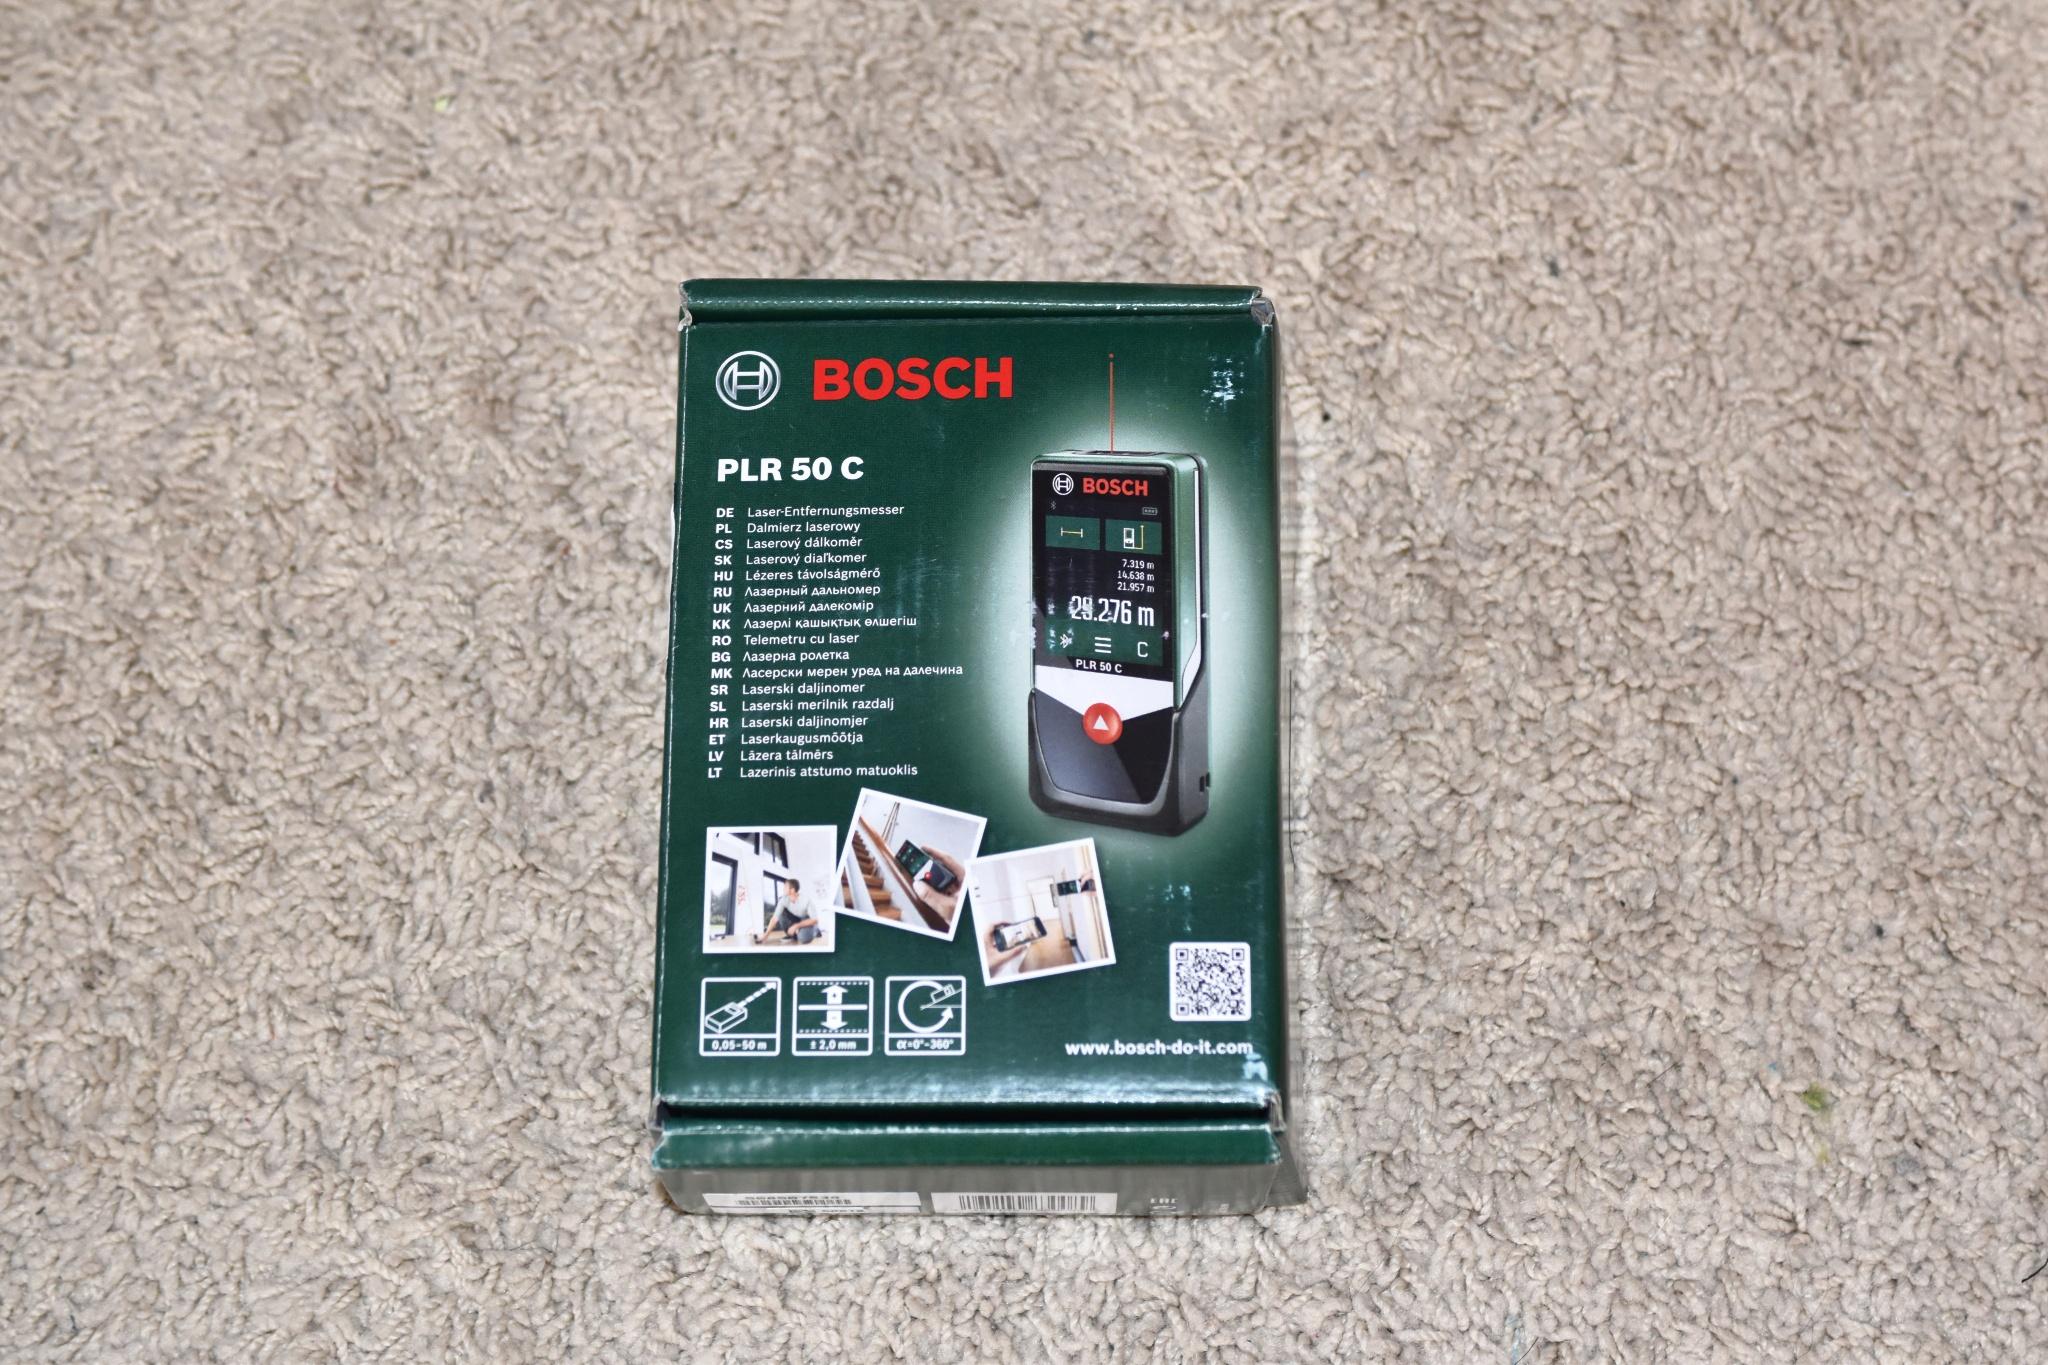 Bosch Laser Entfernungsmesser Plr 50 C : Entfernungsmesser plr c widerstandsfähiger koffer mit